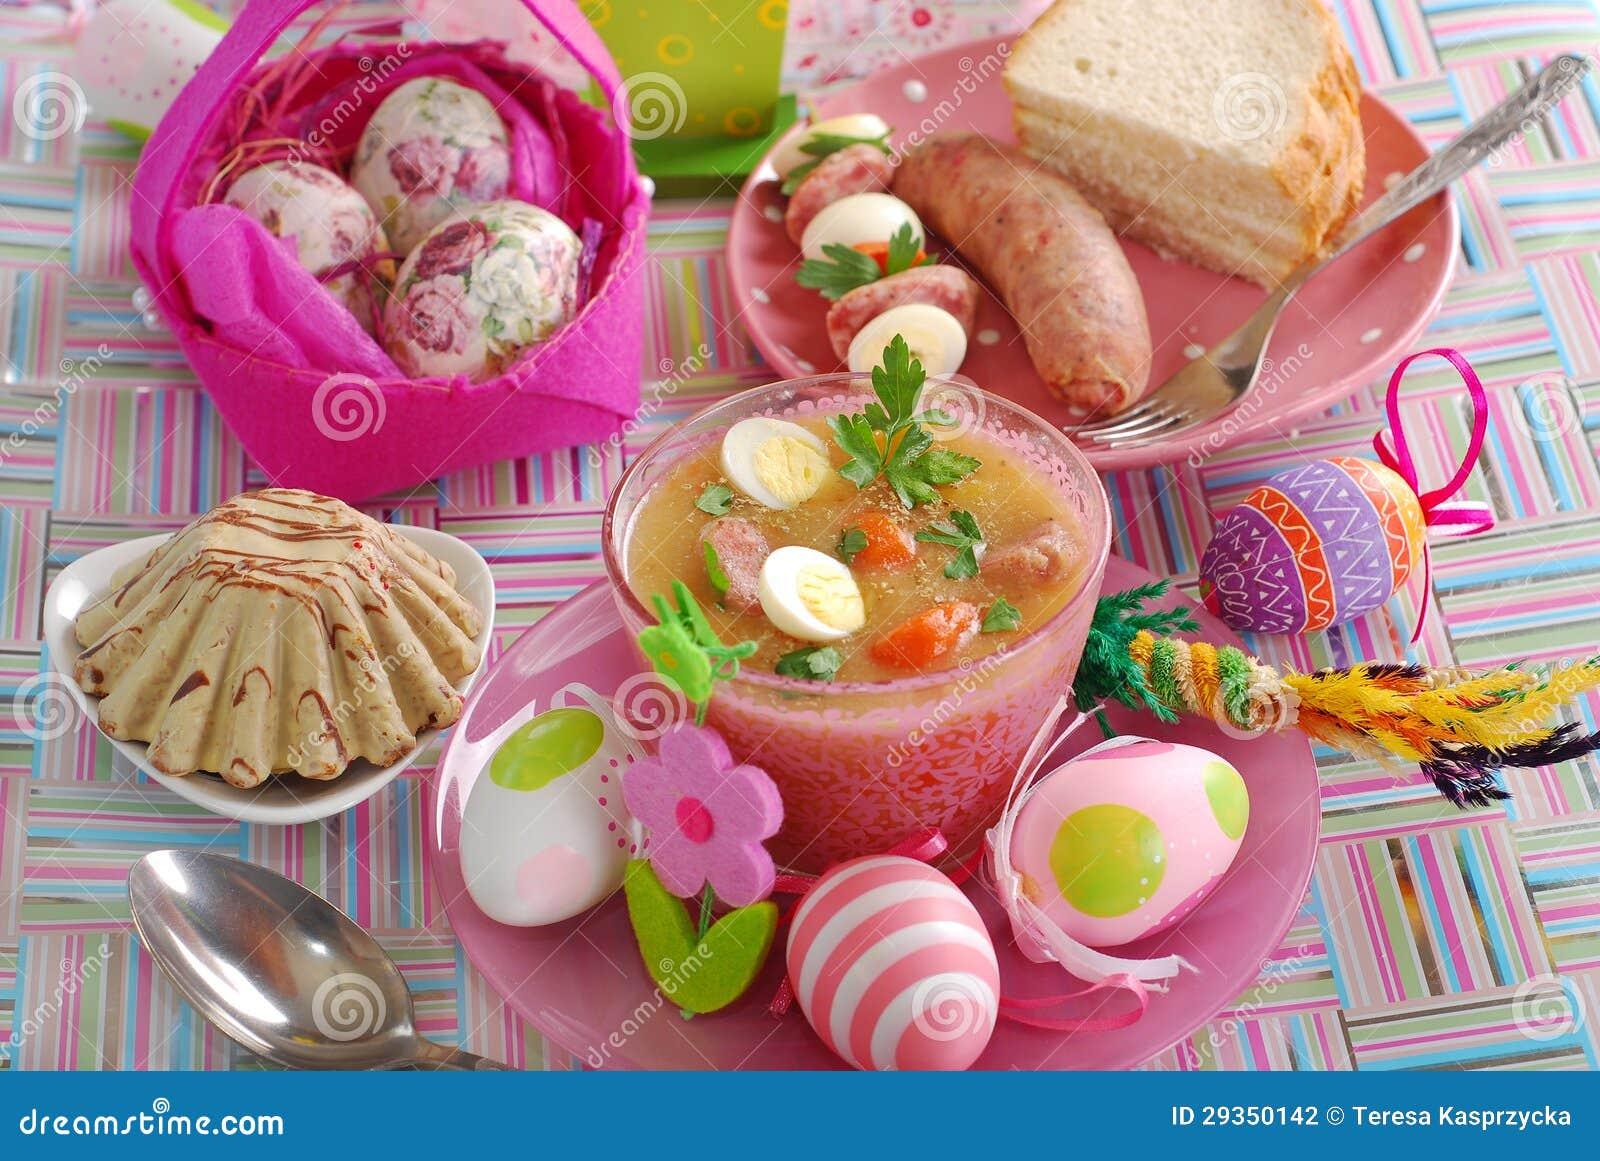 Ostern-Tabelle Mit Traditionellen Polnischen Tellern Stockfoto ...